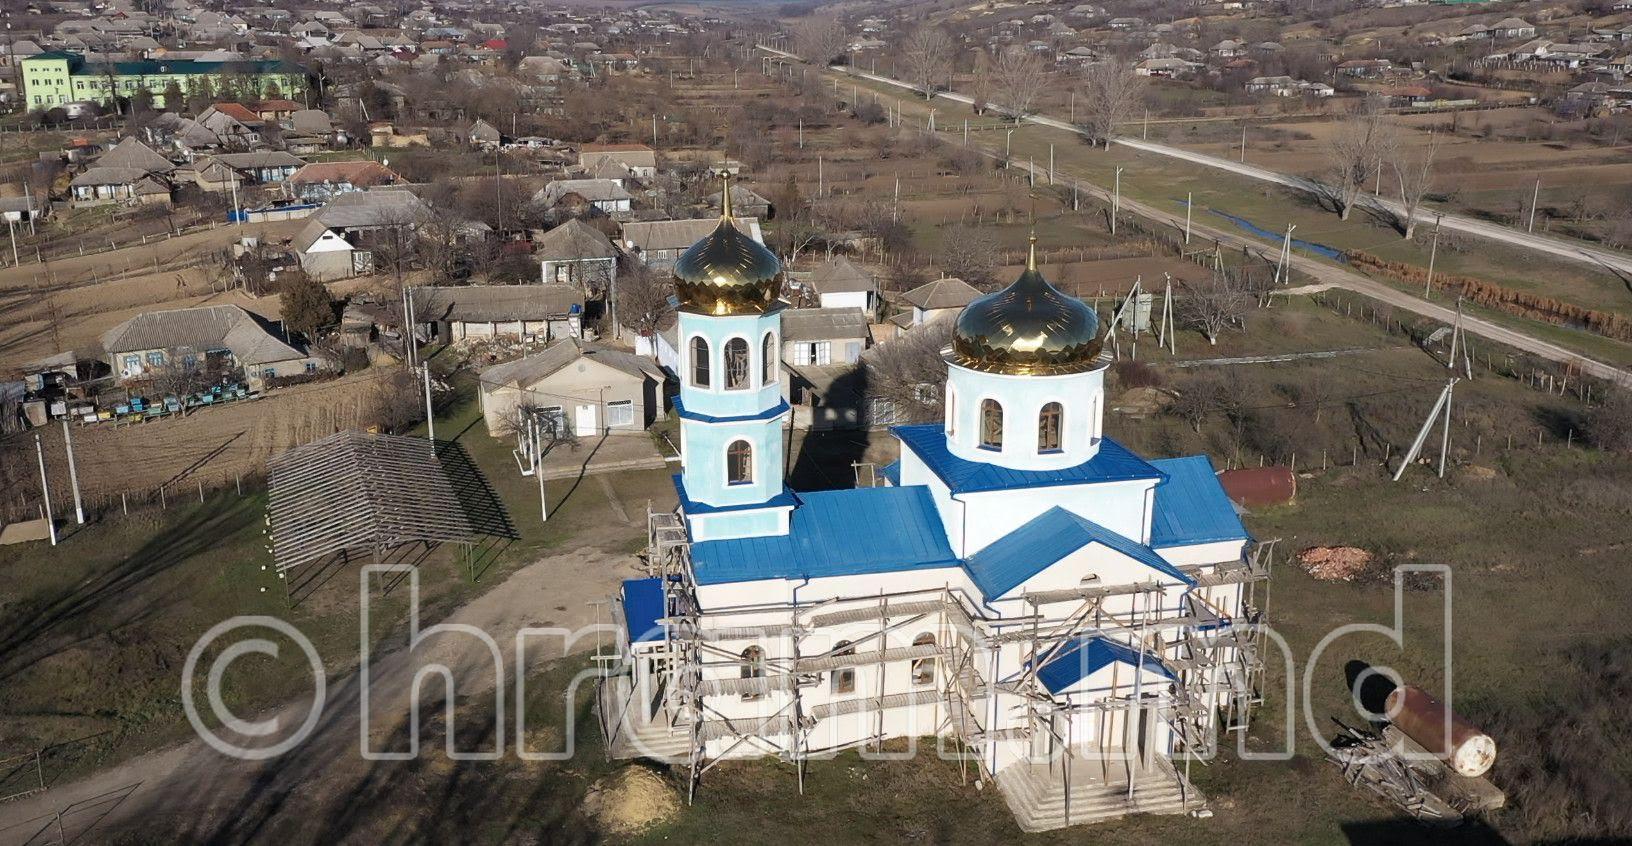 (ВИДЕО) Успенский храм с. Чишмикиой съемка с дрона